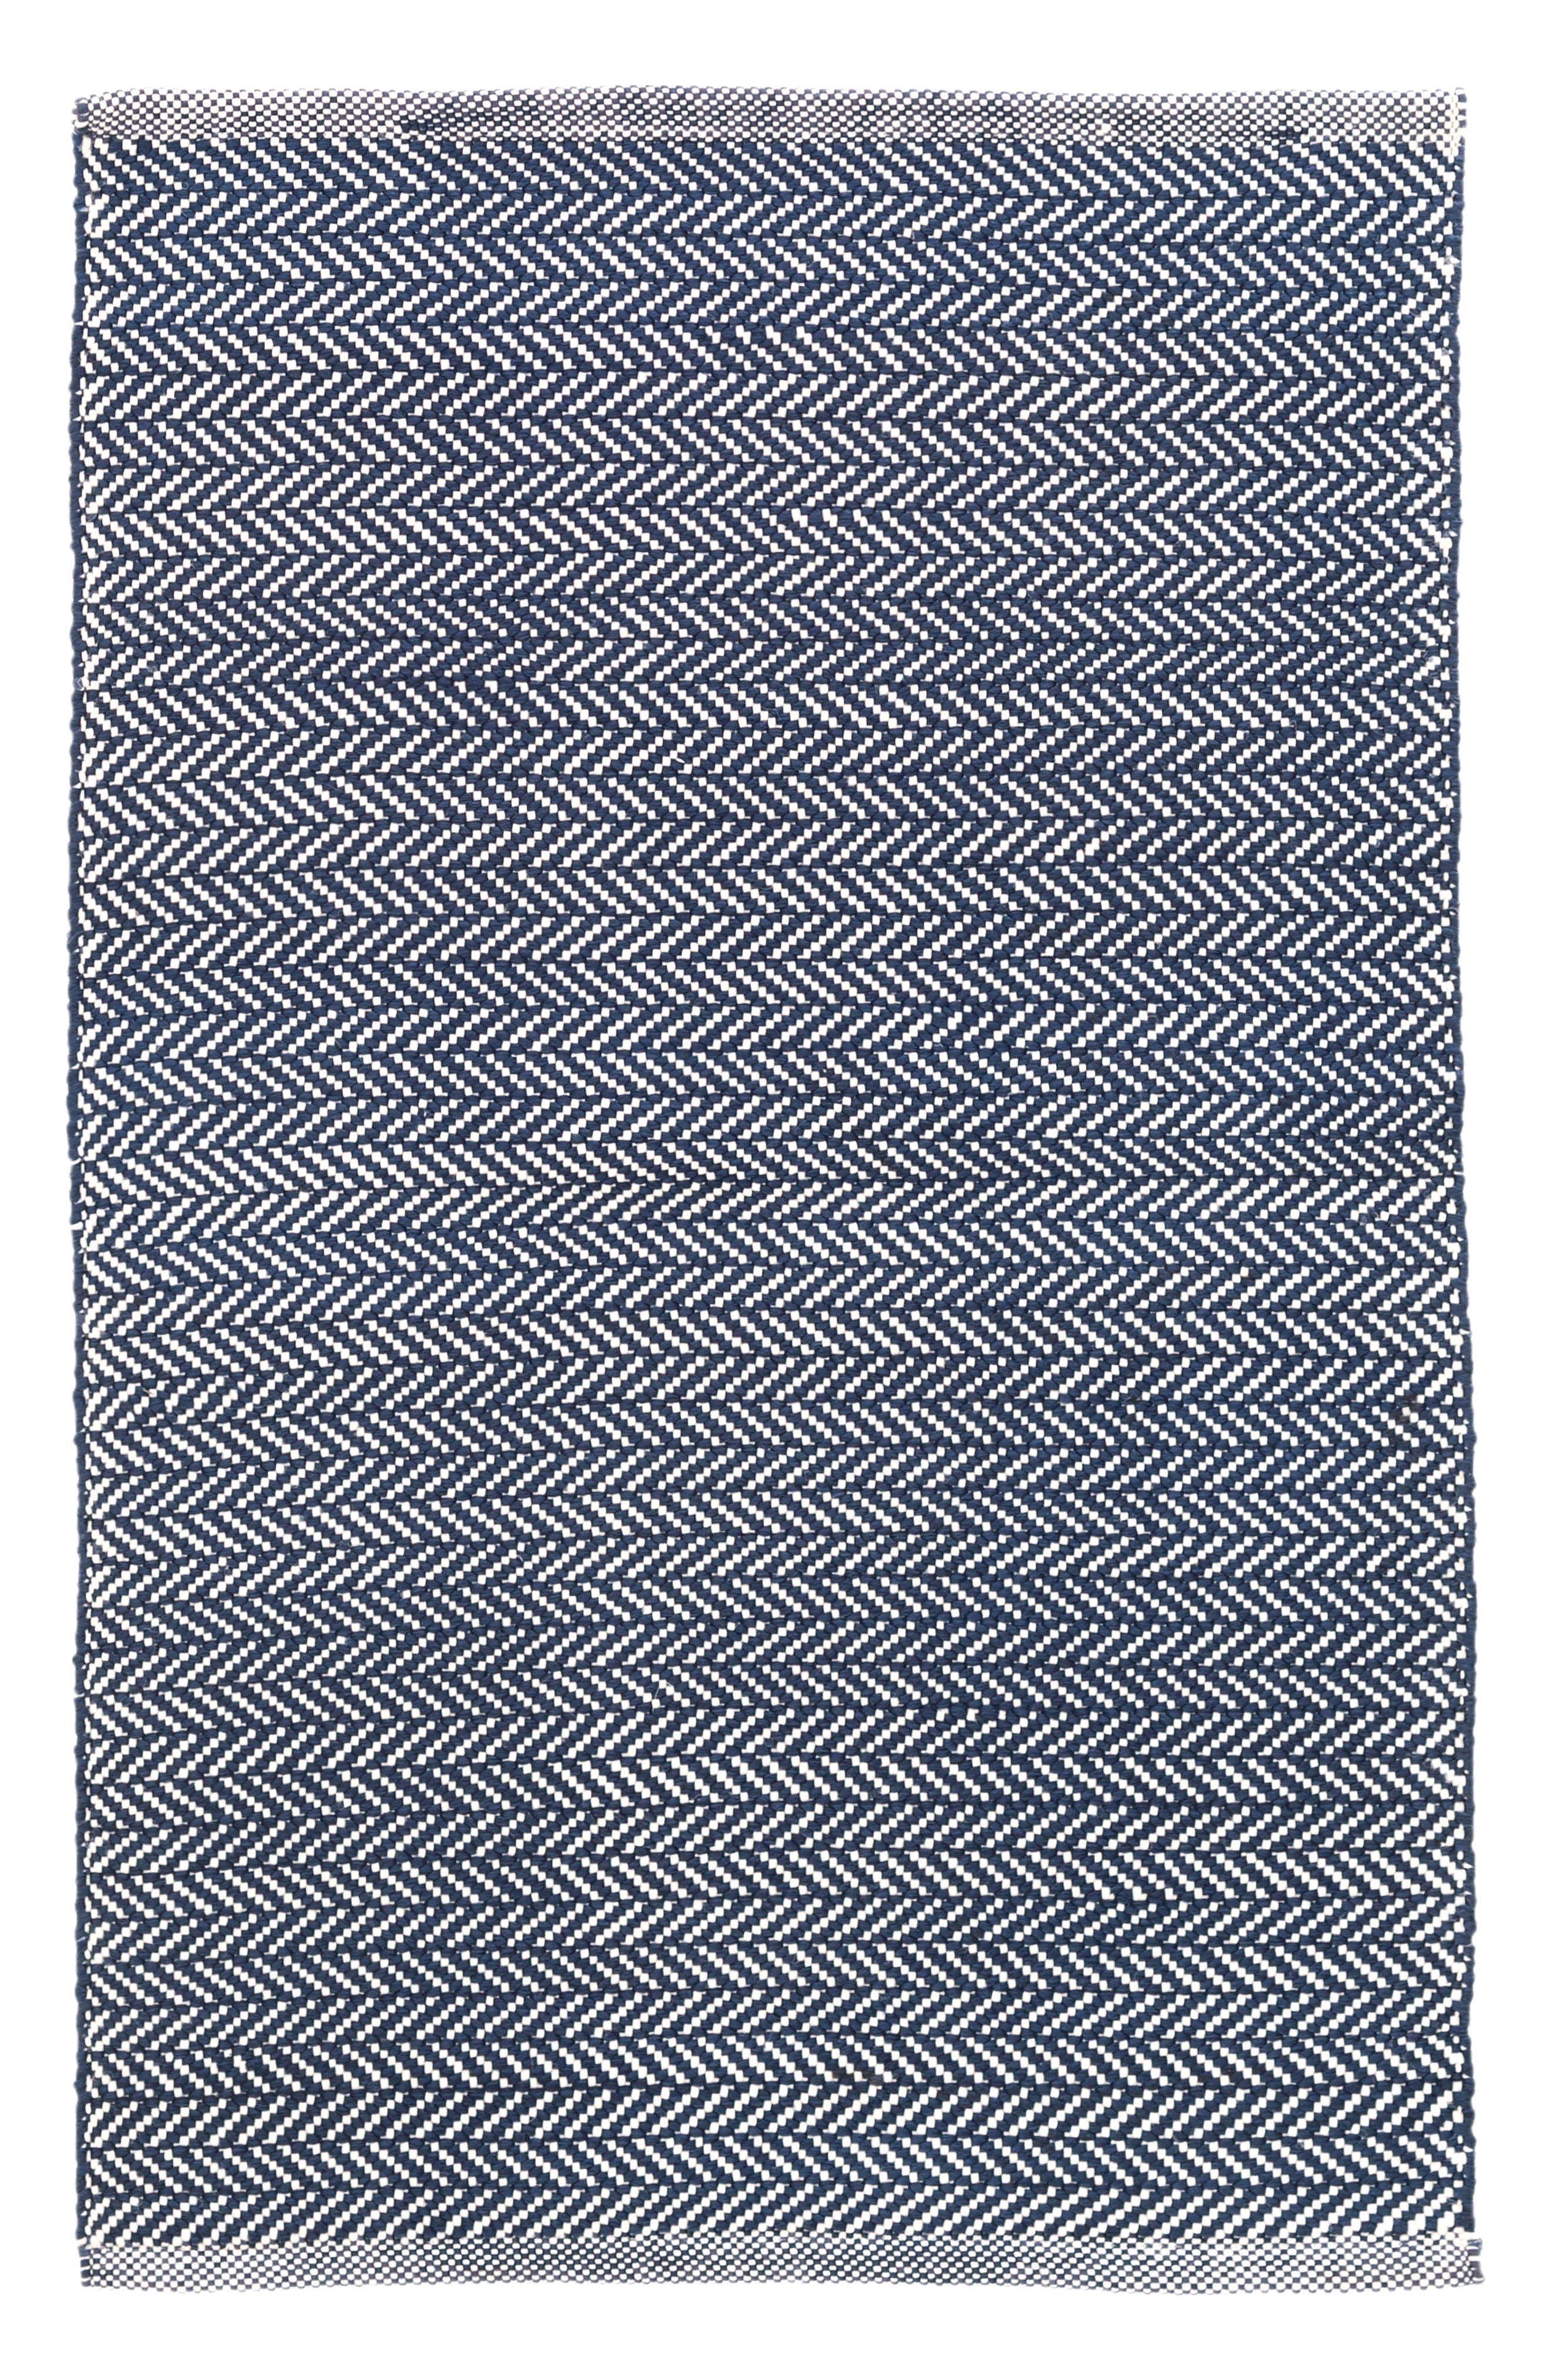 Herringbone Rug,                             Main thumbnail 1, color,                             460